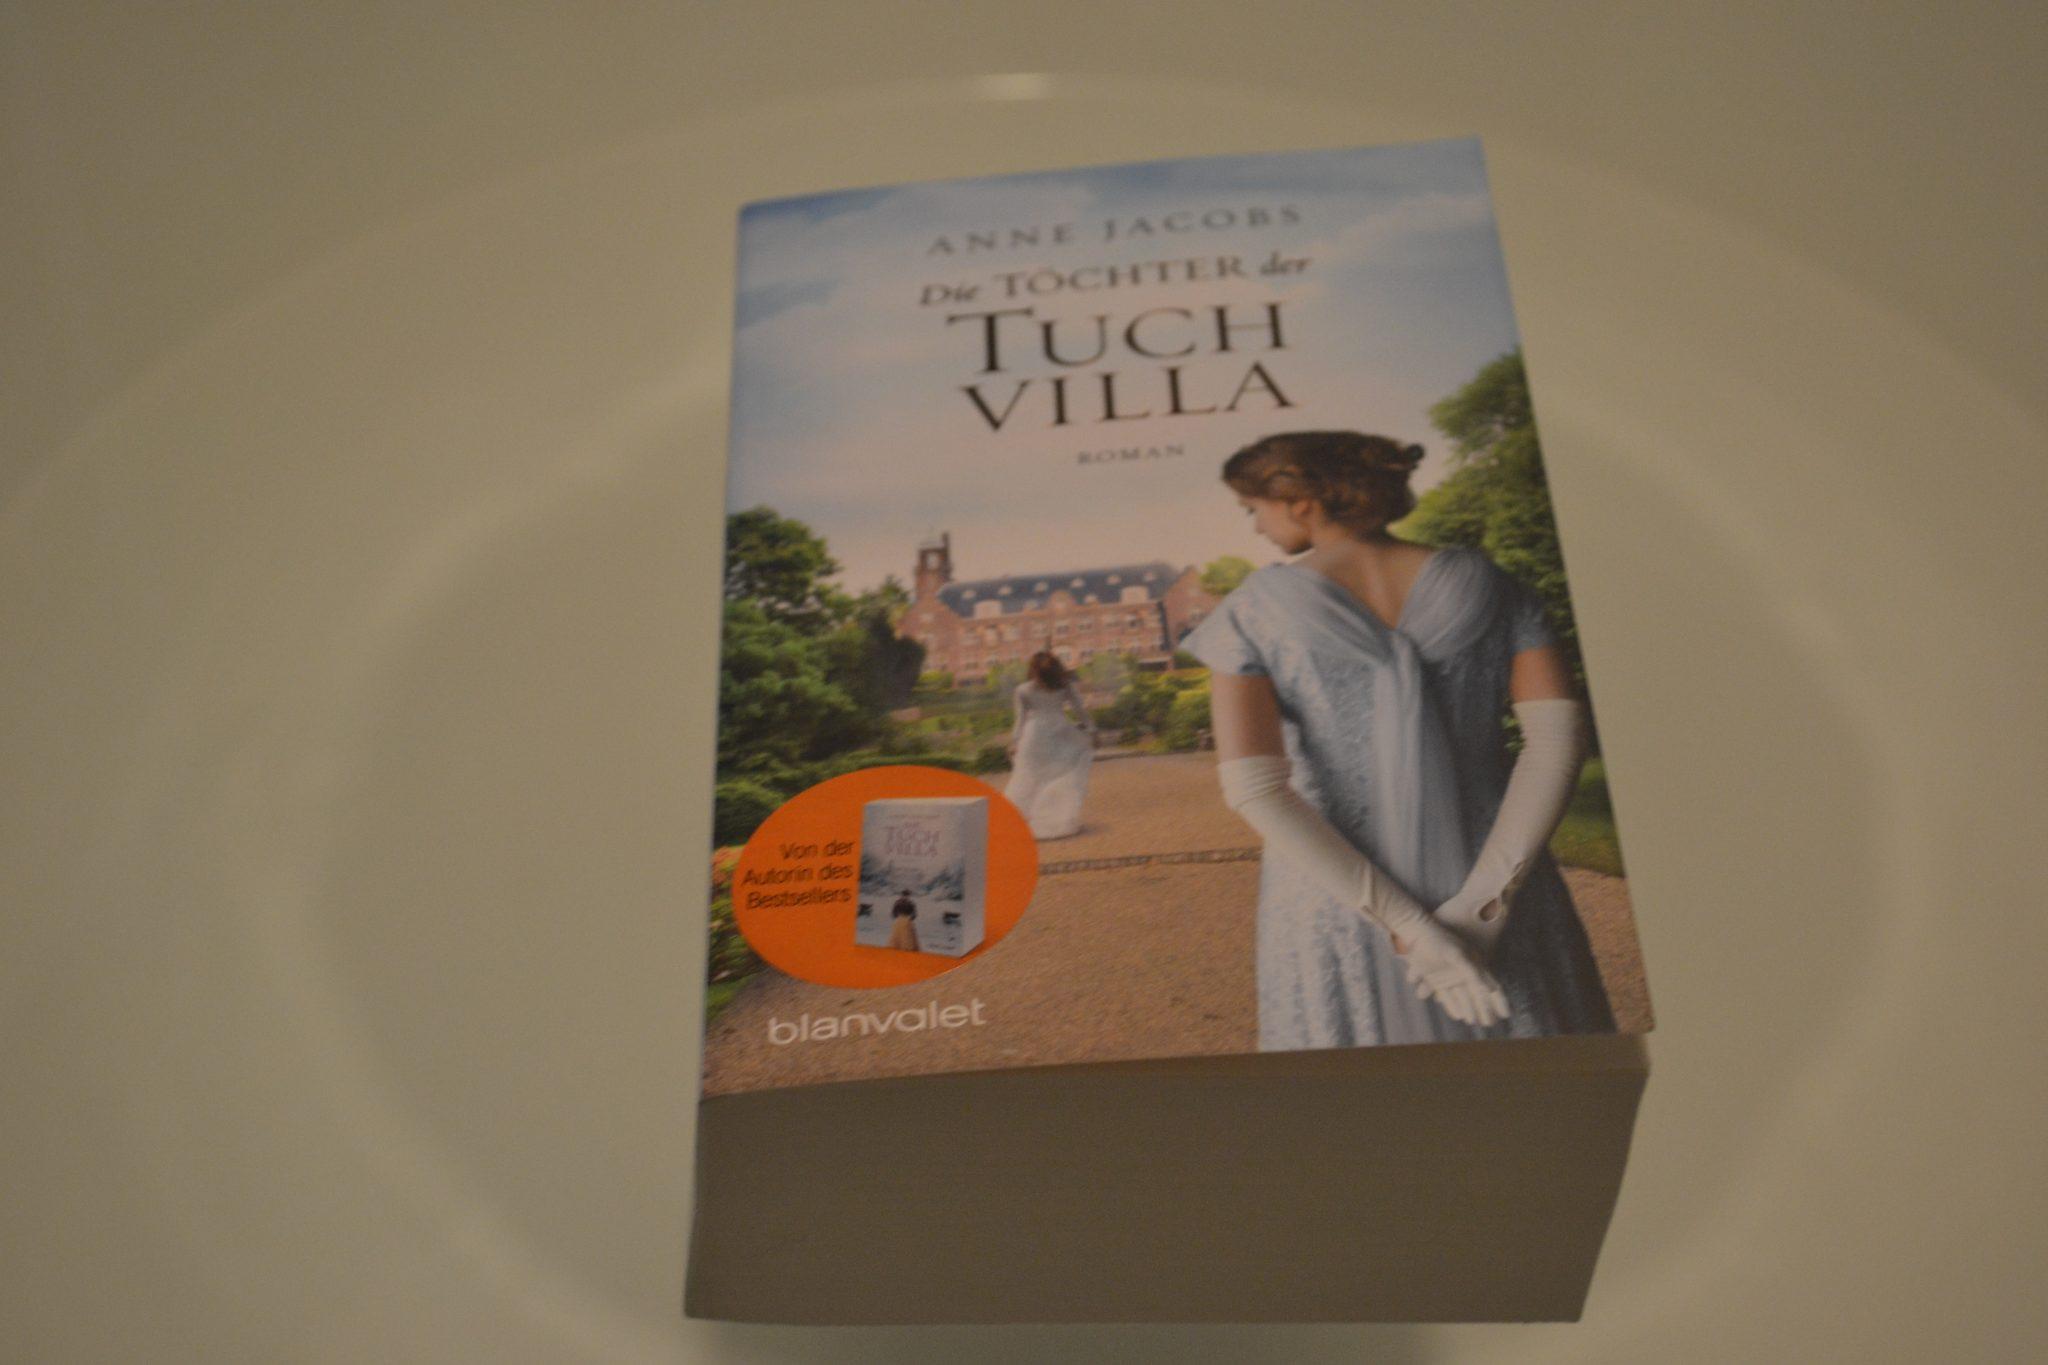 Books: Die Töchter der Tuchvilla | Ann Jacobs